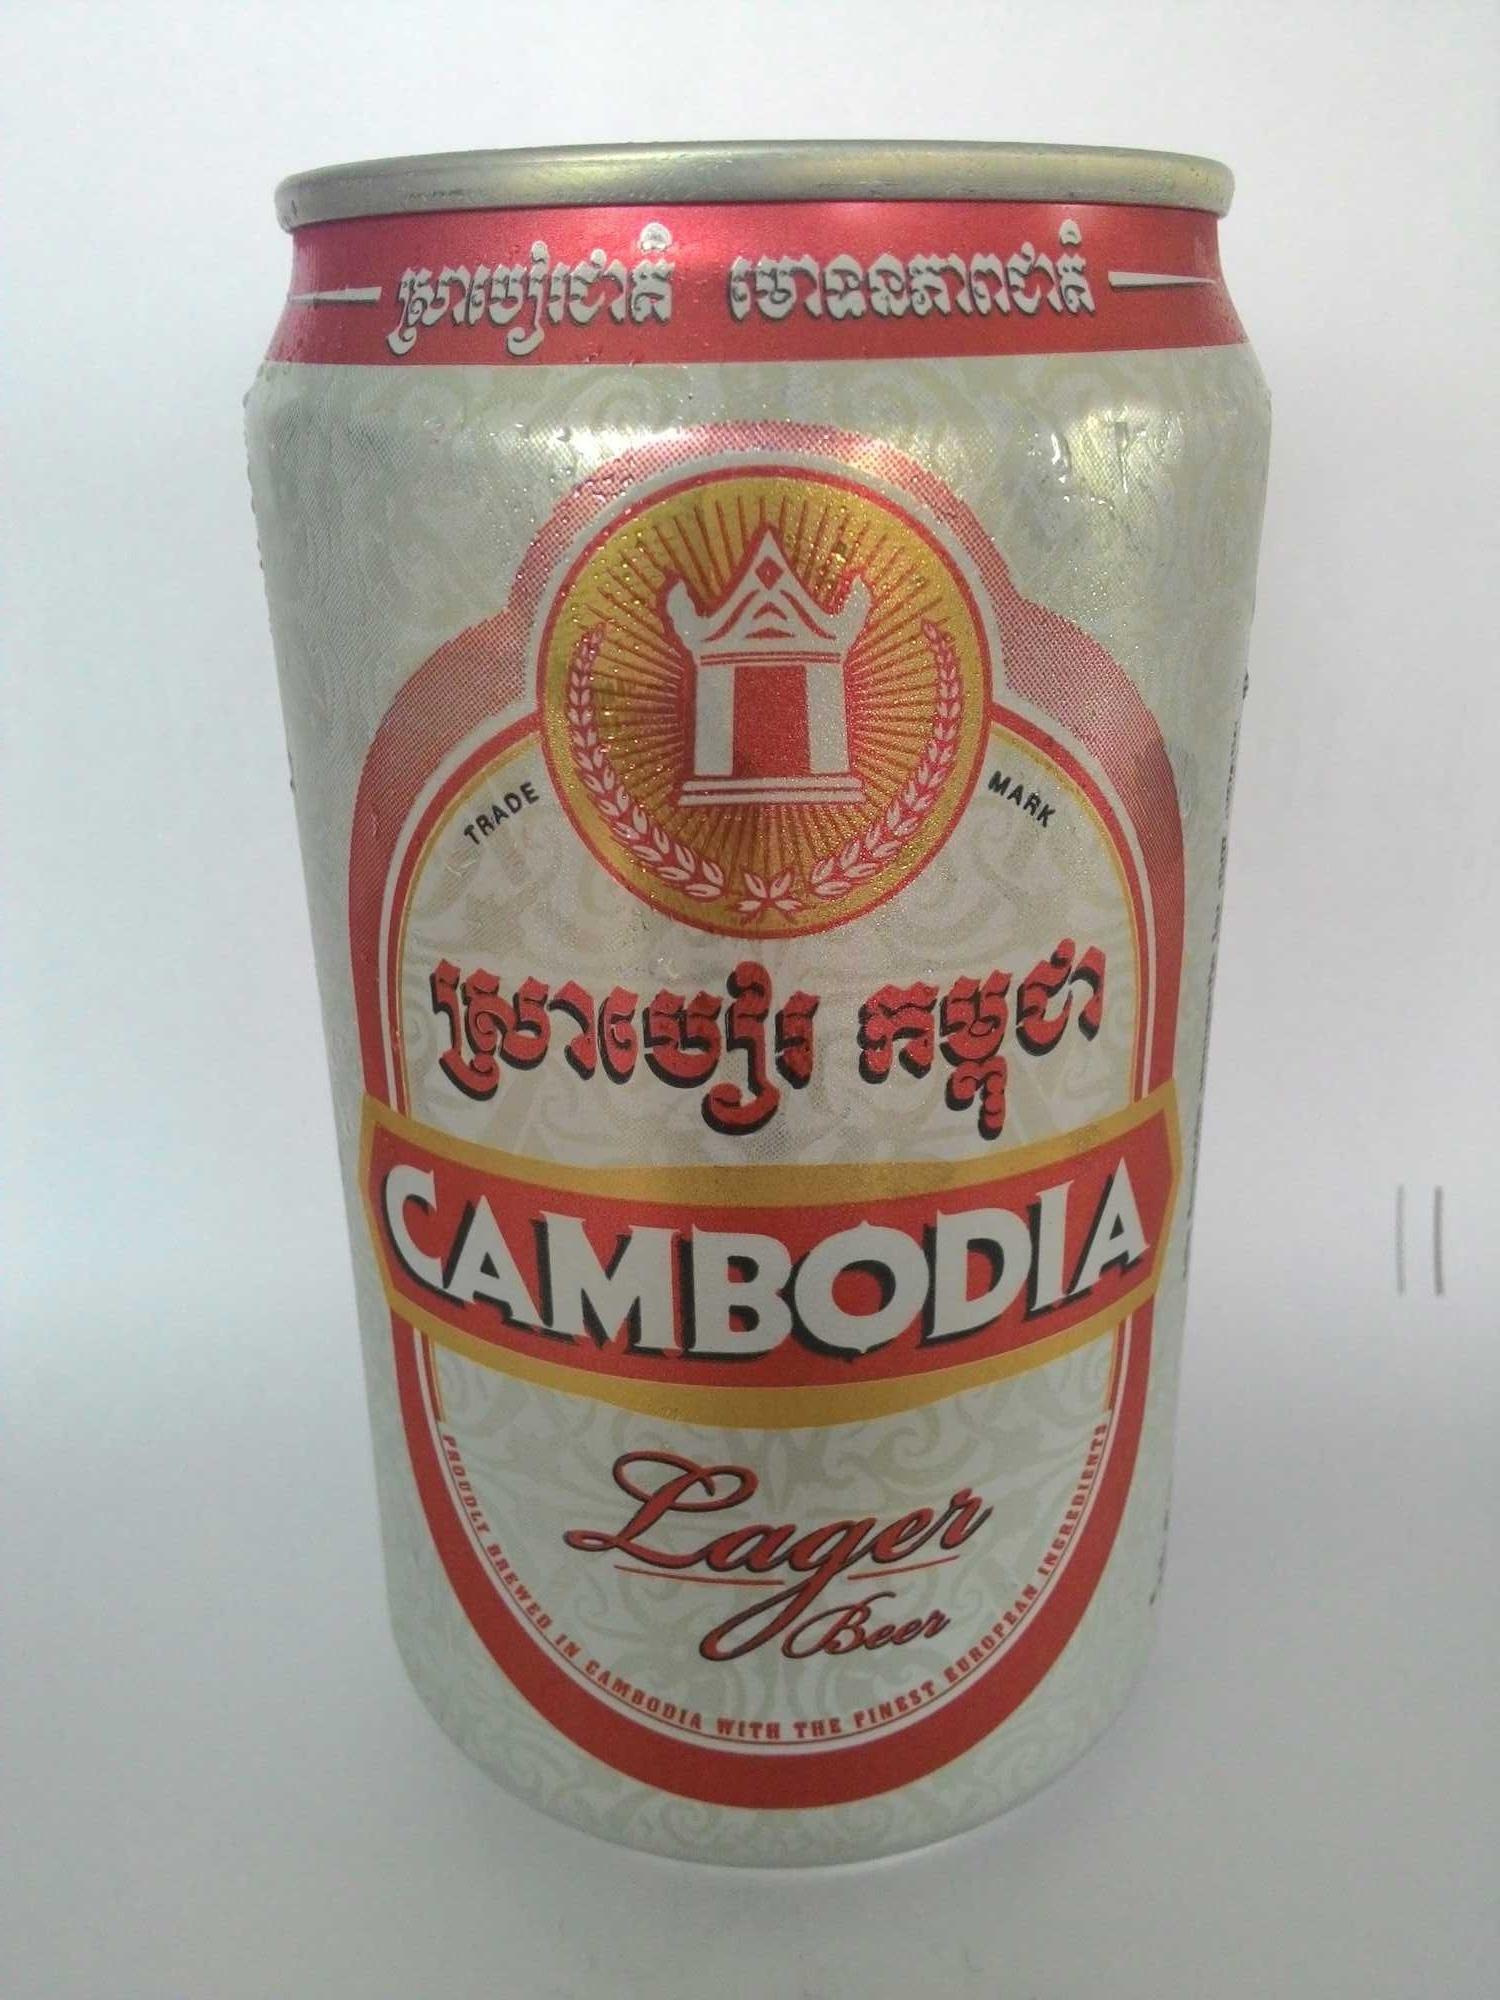 Cambodia Beer - Product - en